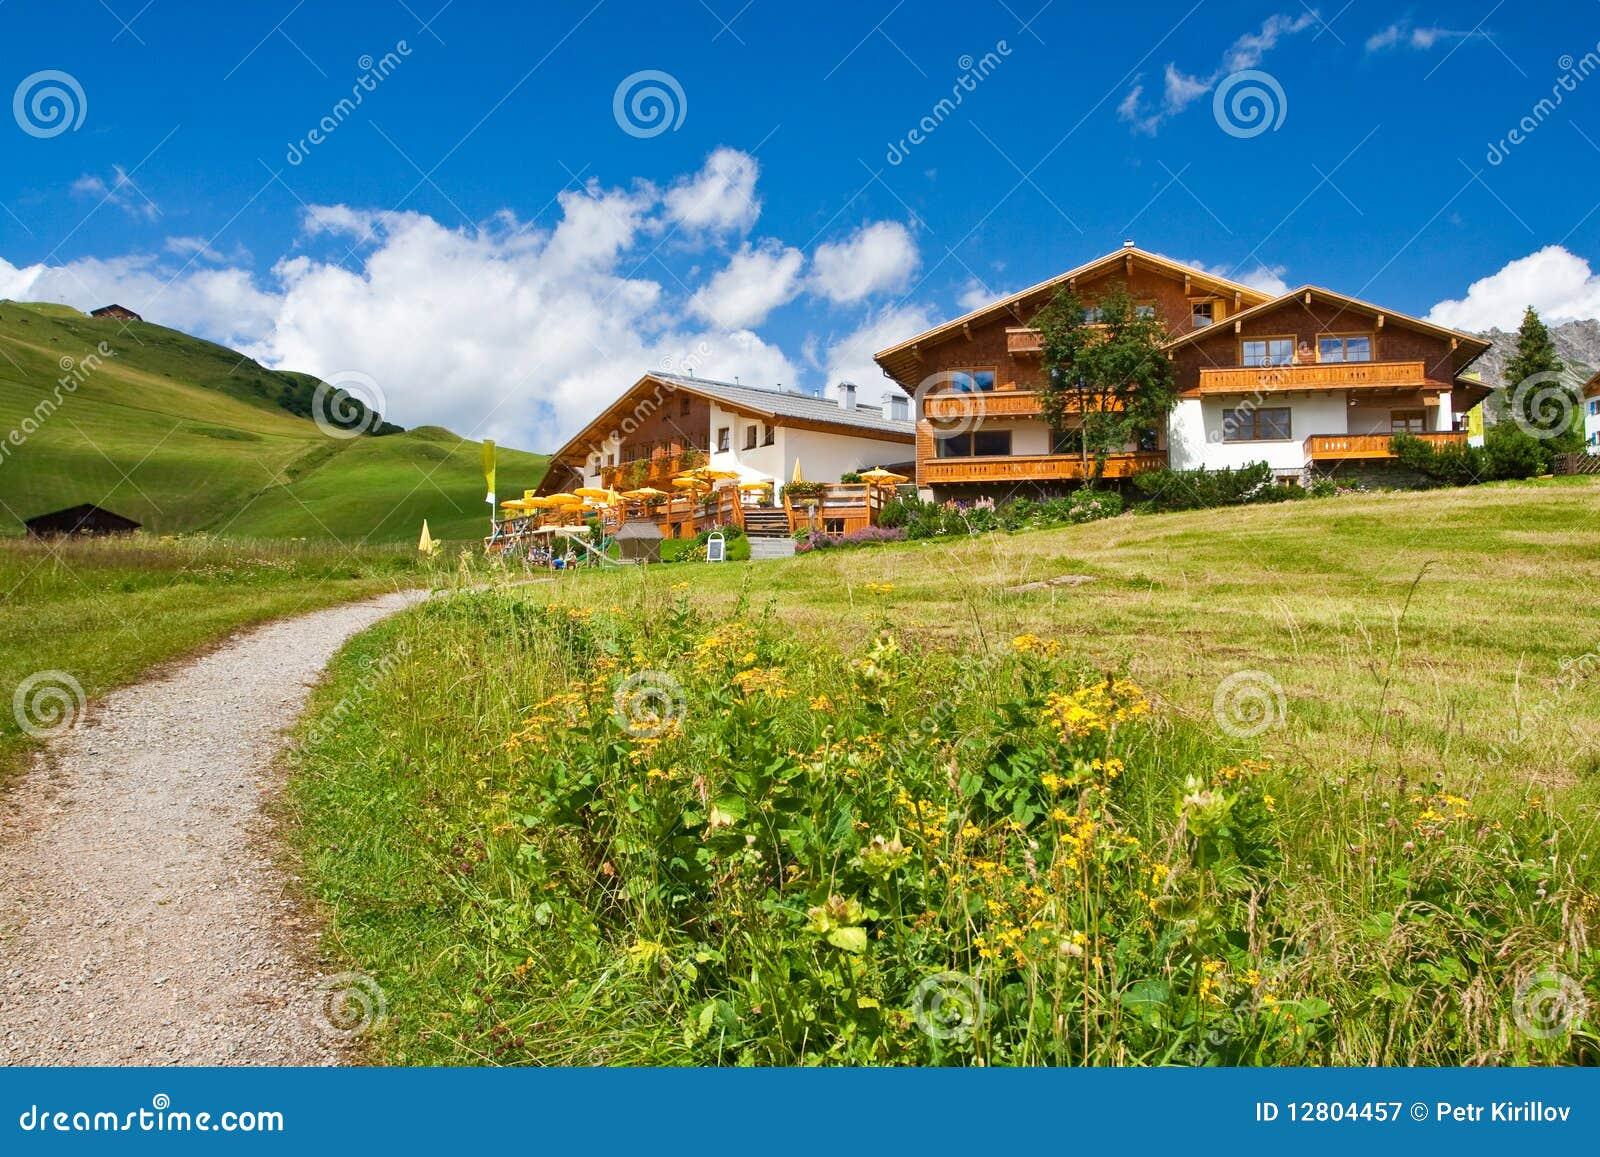 Hotéis em um monte